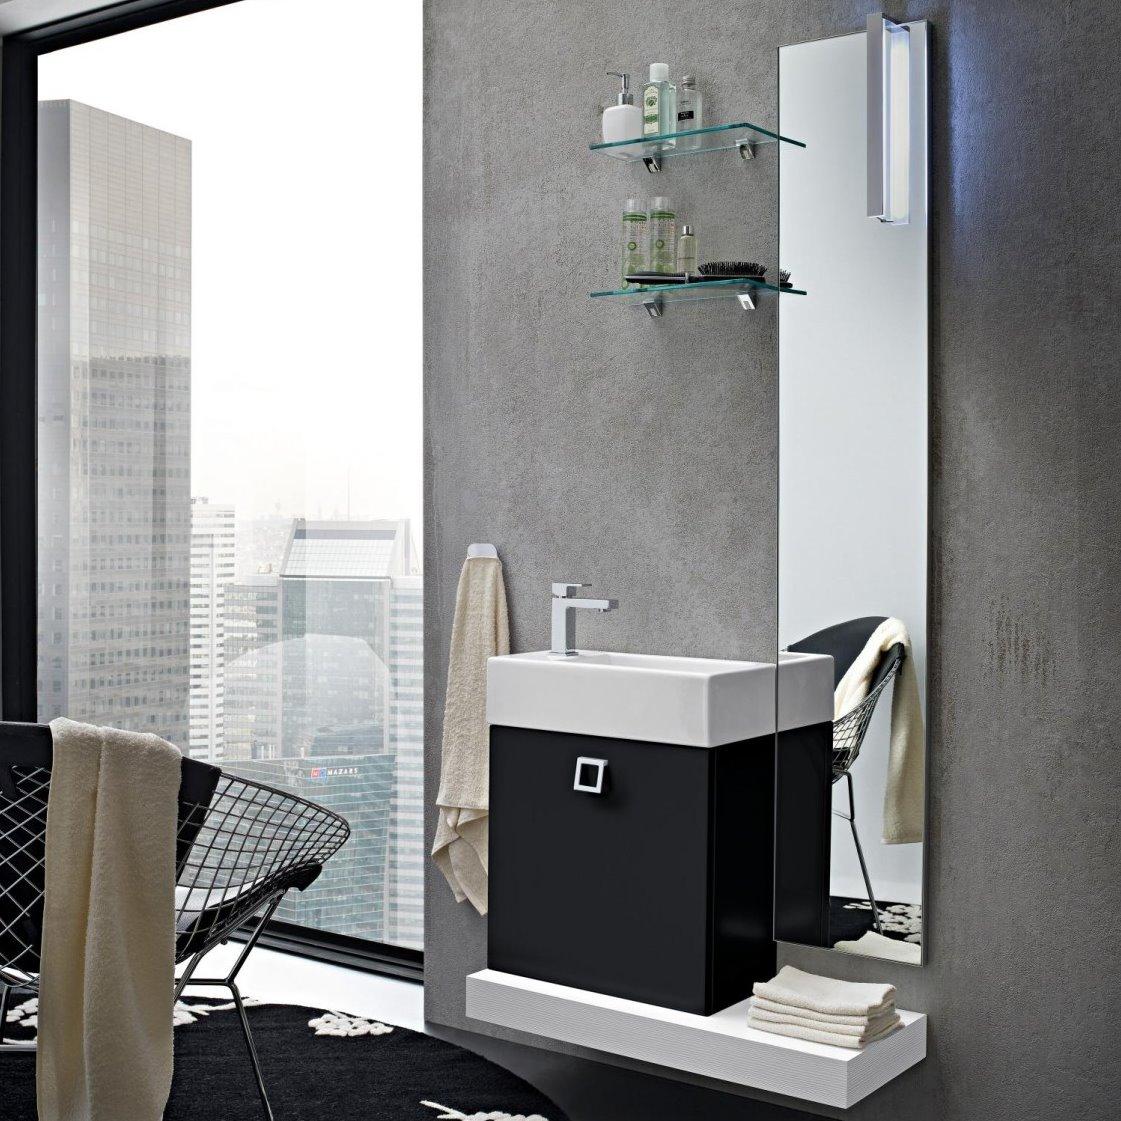 Idee bagno piccolo 6 idee per scegliere il mobile bagno for Planimetrie aggiunte casa